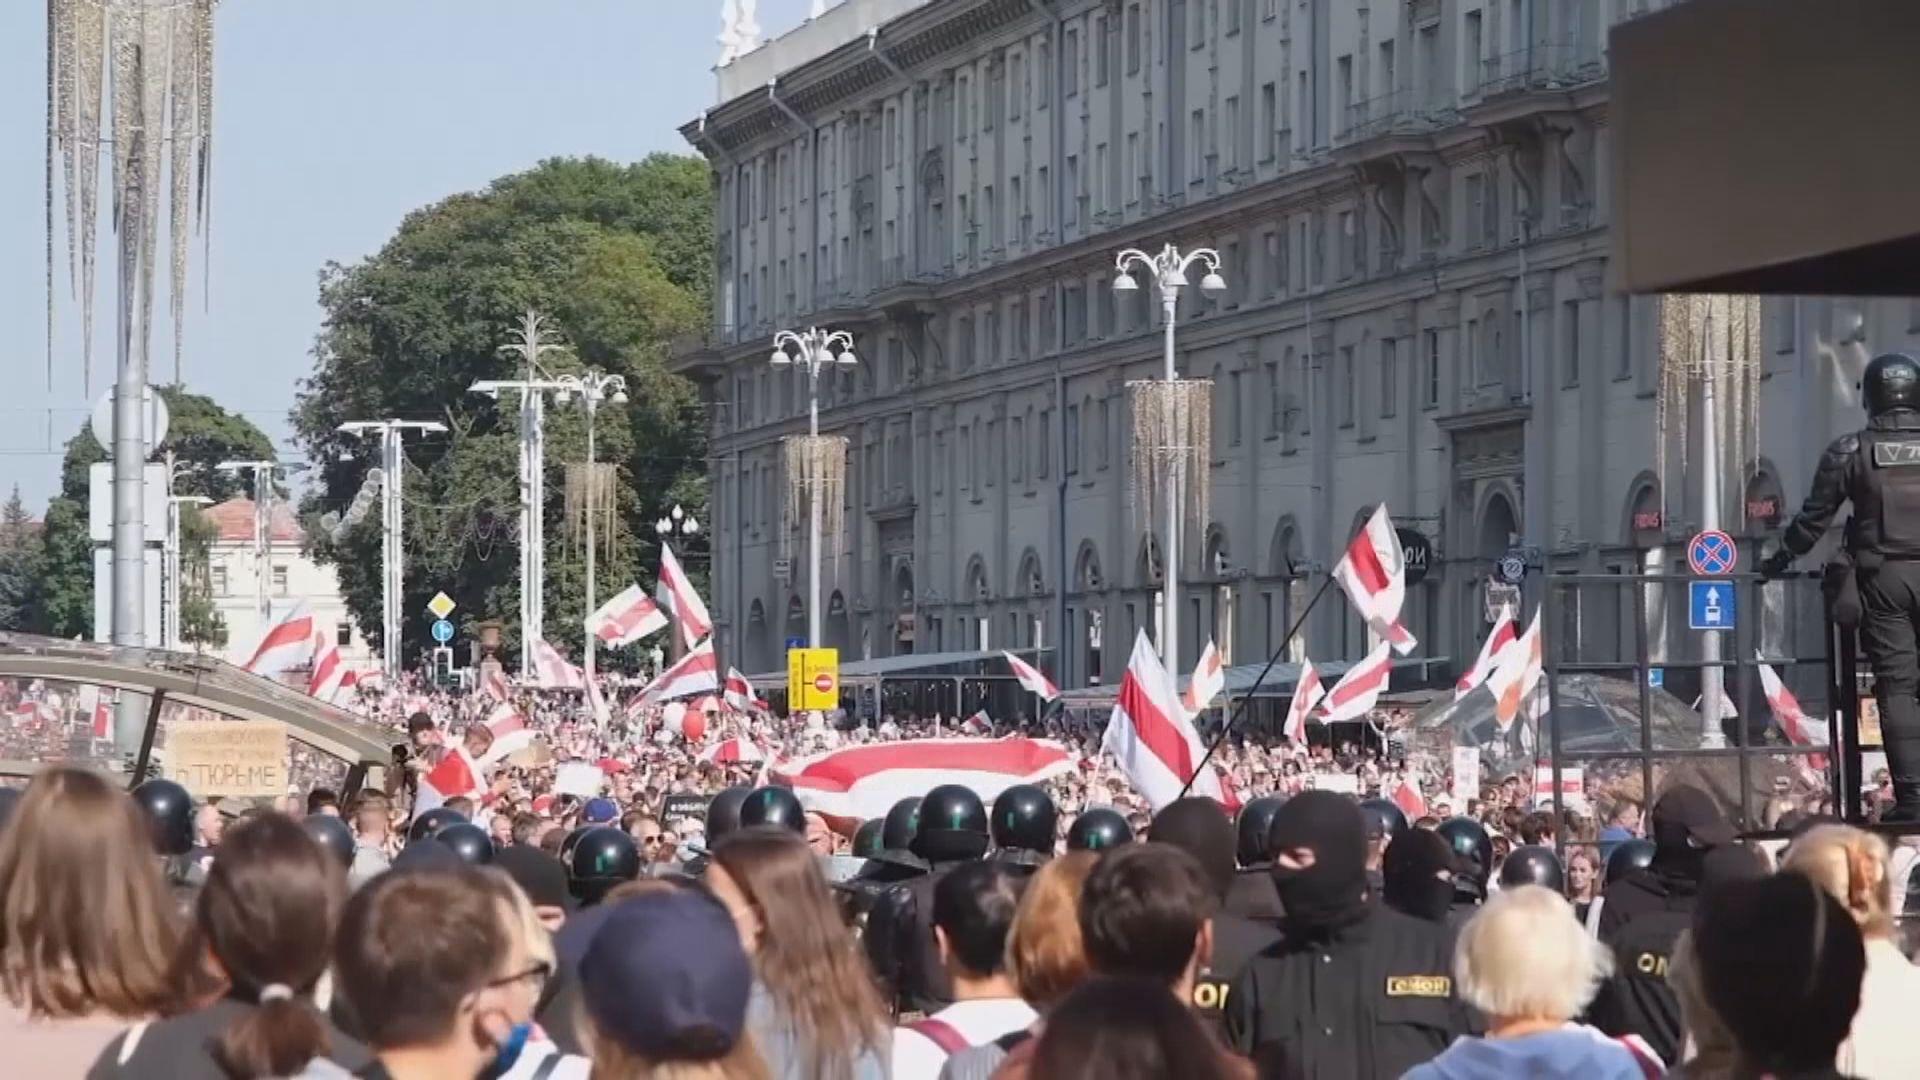 白俄羅斯反政府示威持續 法國瑞典批當局撤銷傳媒記者證